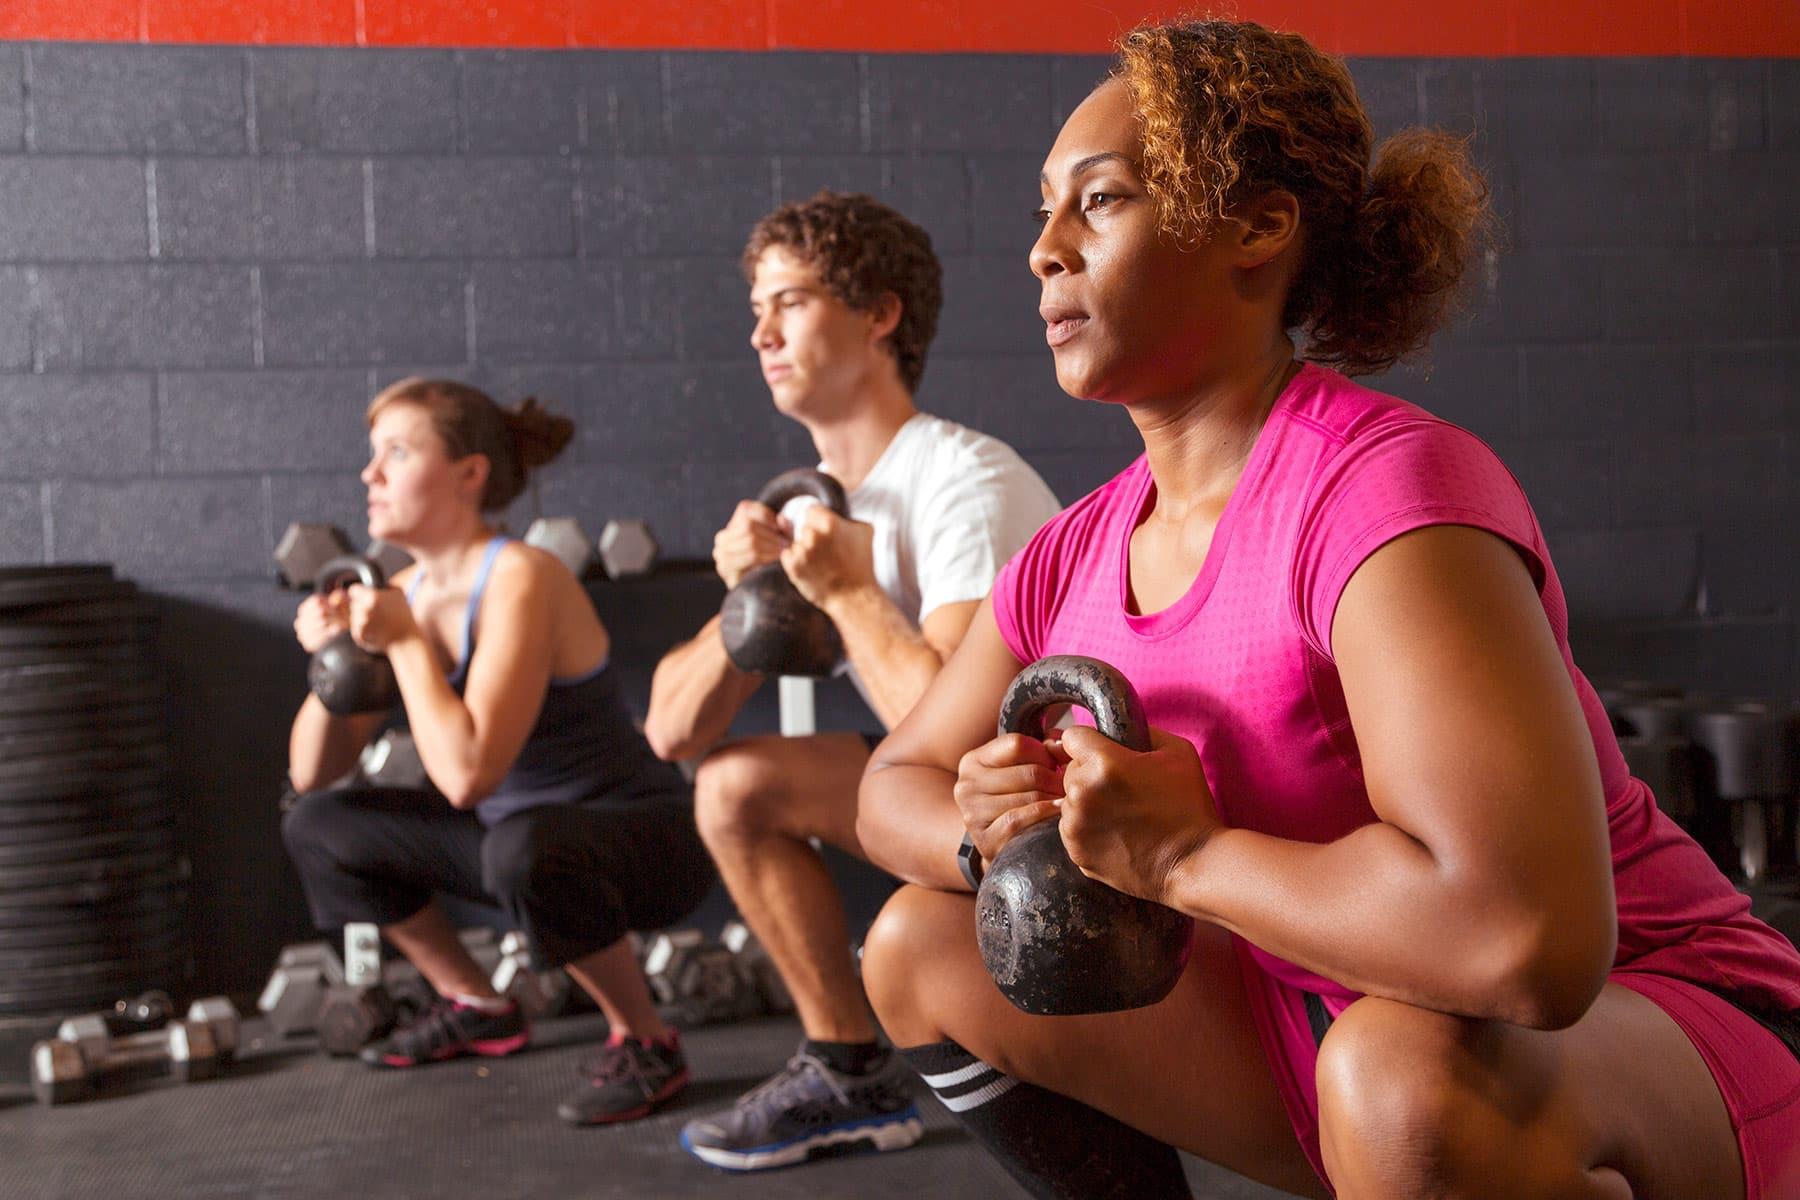 التمارين الرياضية تقلل من خطر الإصابة بـ7 أنواع من السرطان